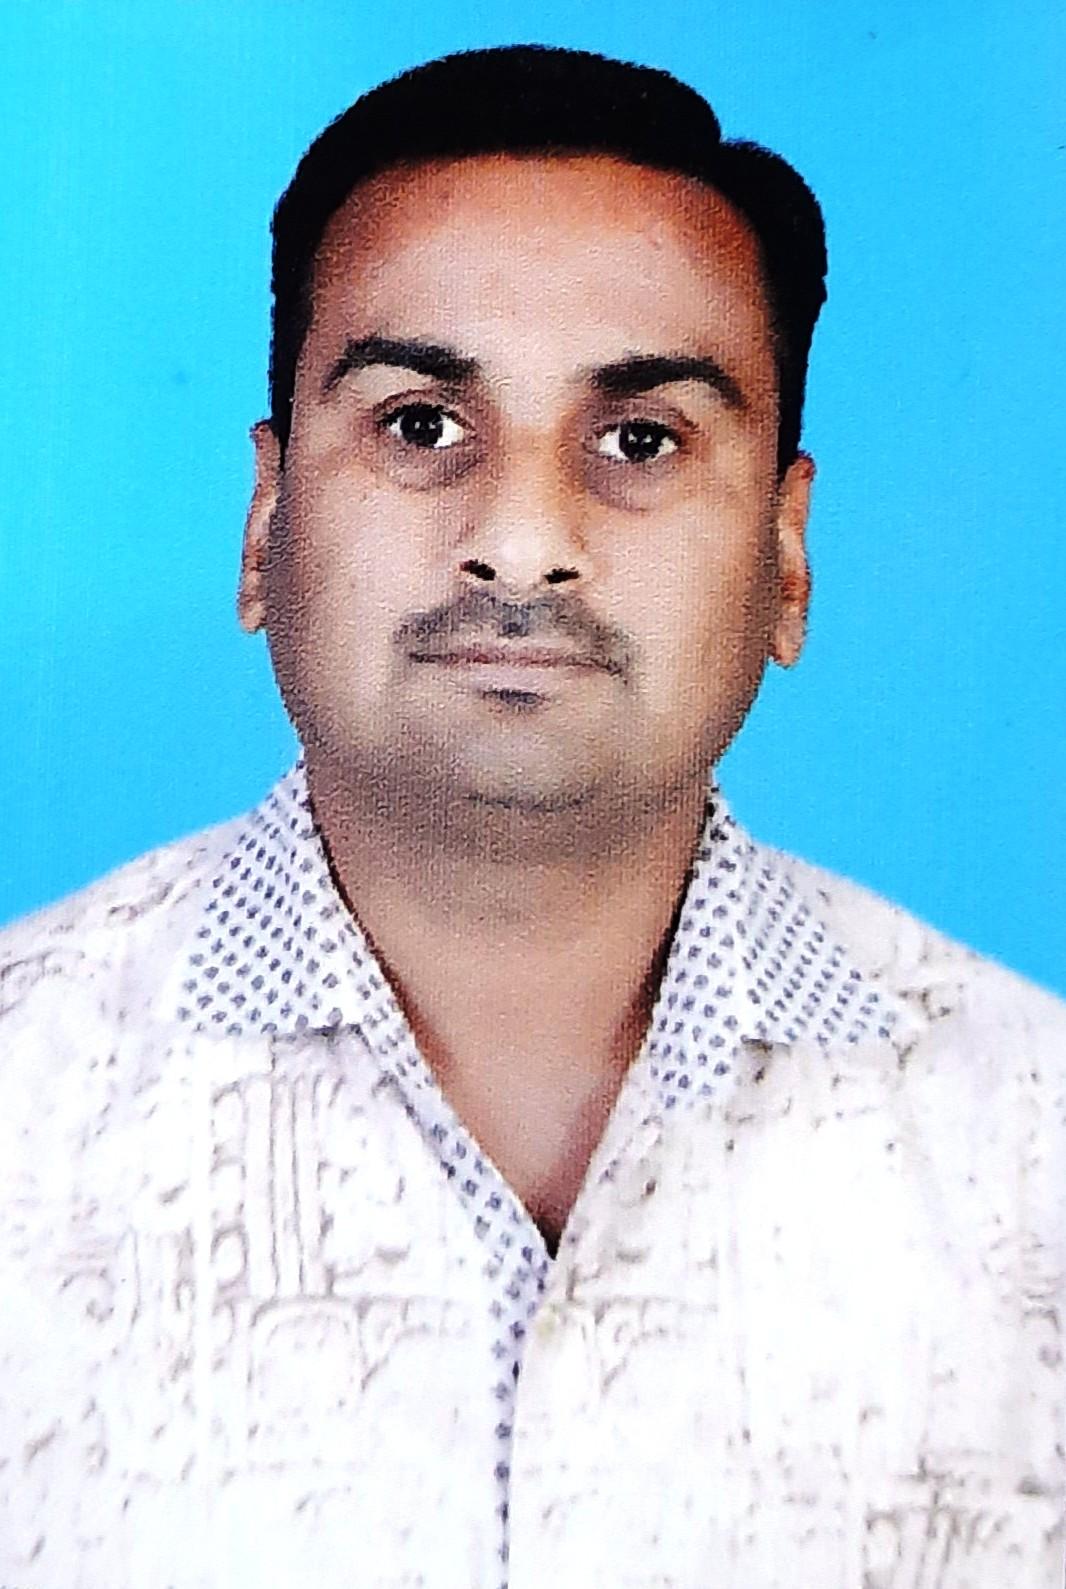 Shri Yogesh Ramawat